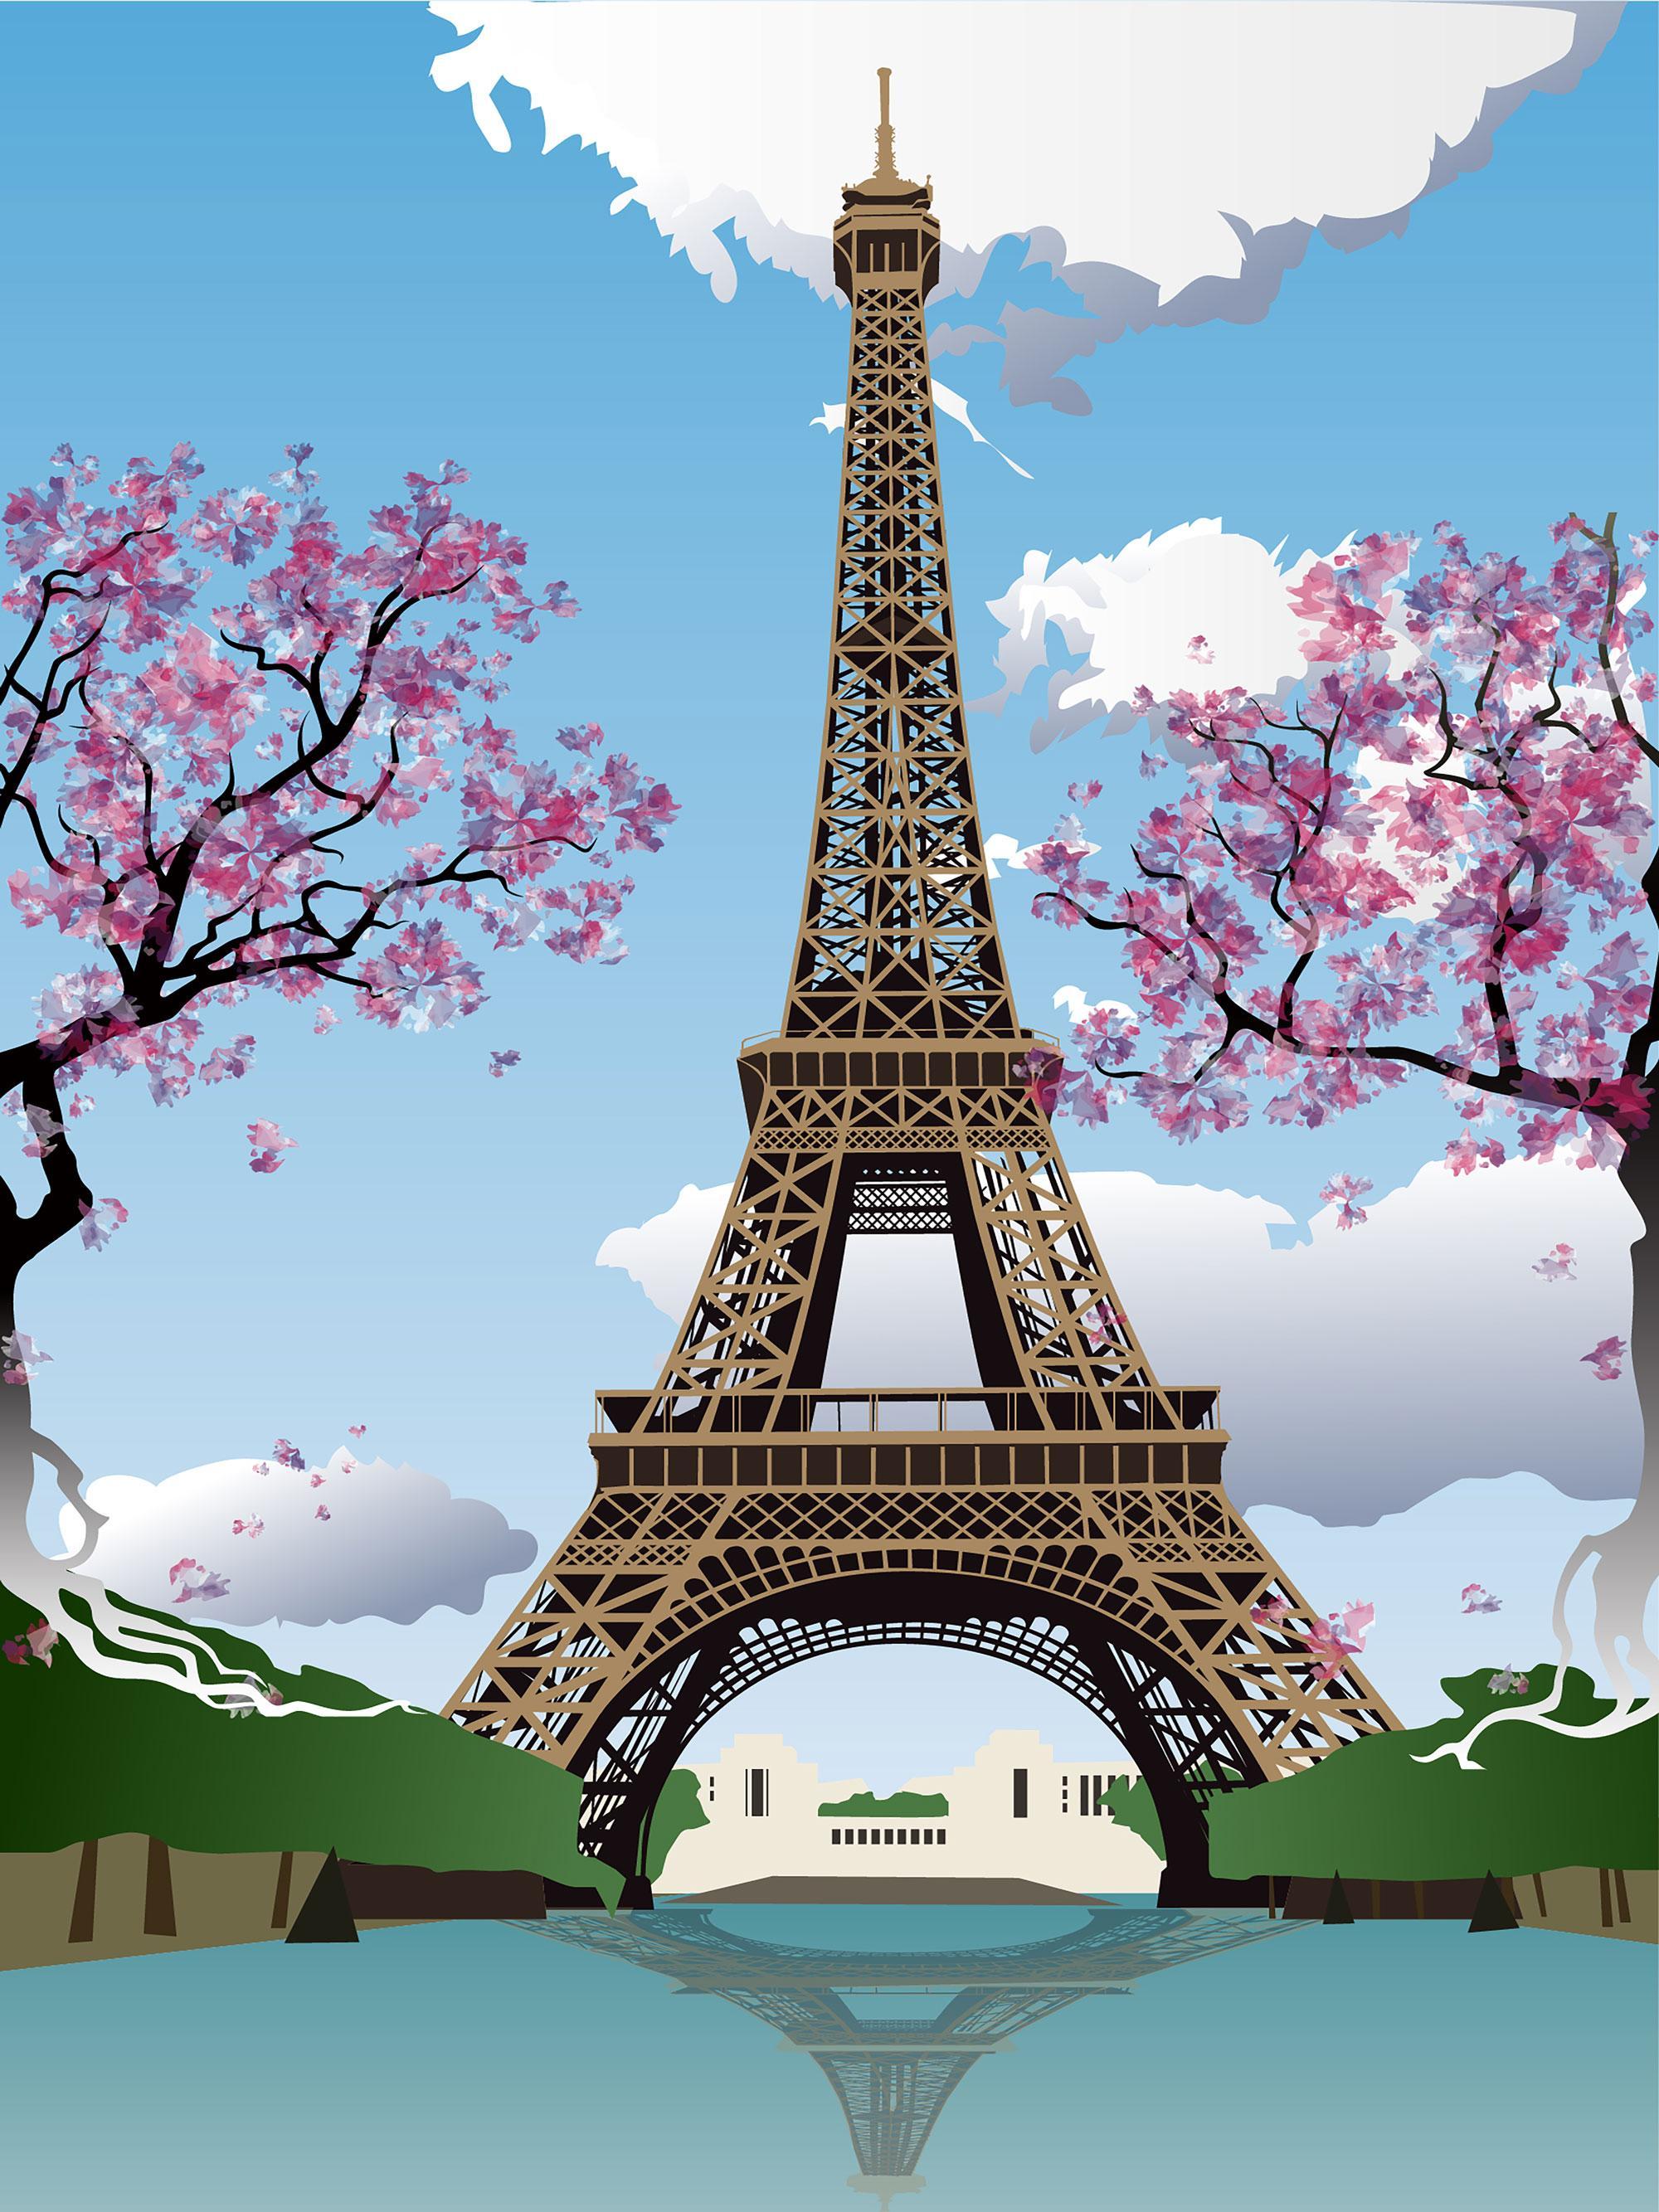 Torre Eiffel París flores árboles vinilo fotografía telones azul cielo nubes Photo Booth fondos para niños Studio Props